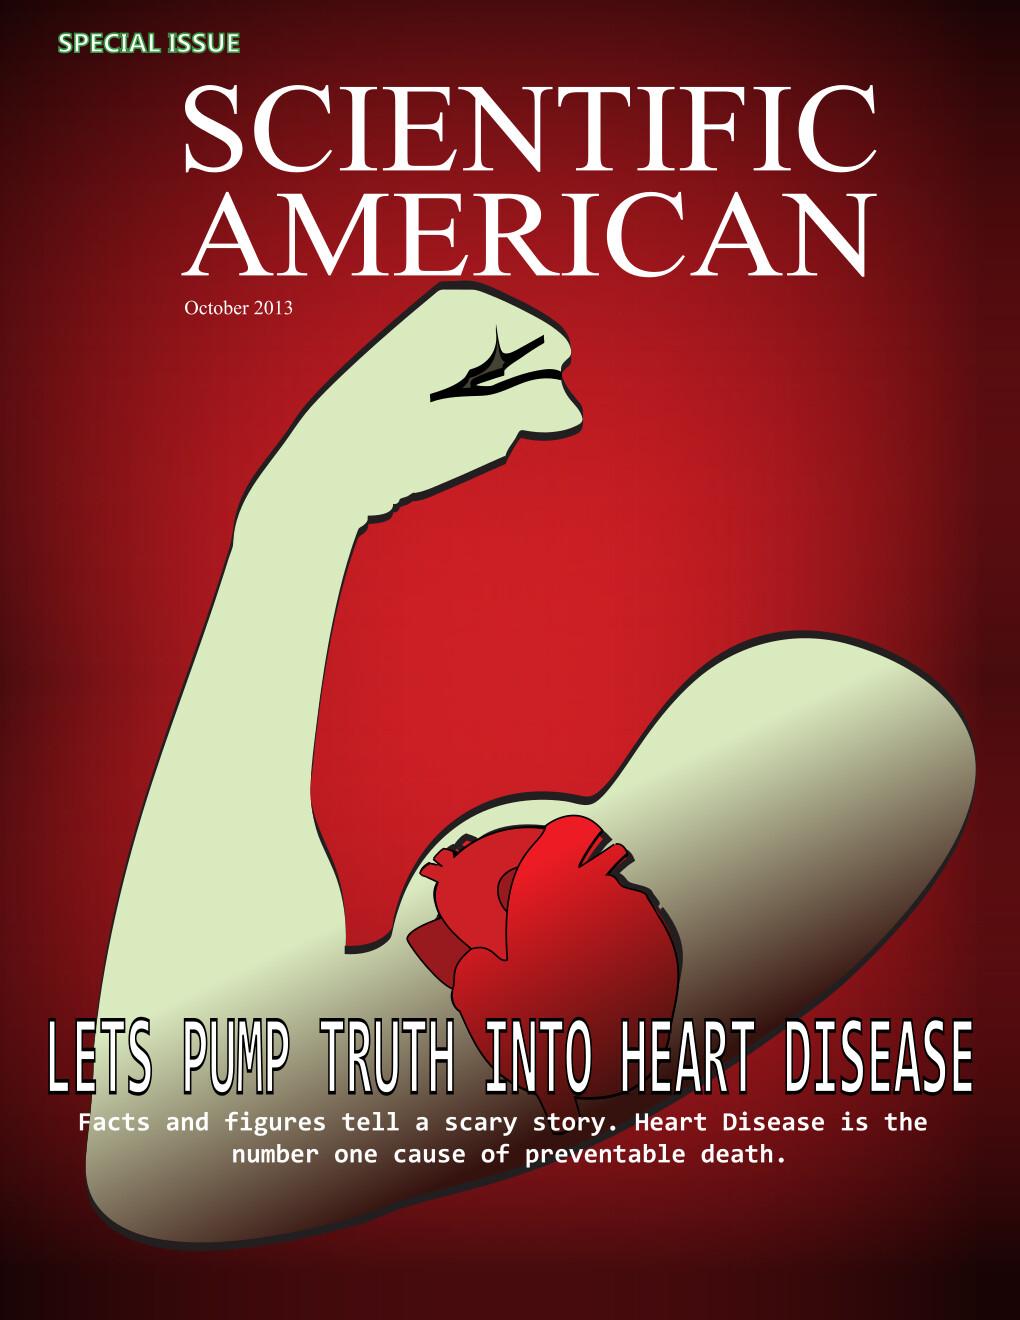 Mock Scientific American Magazine Cover